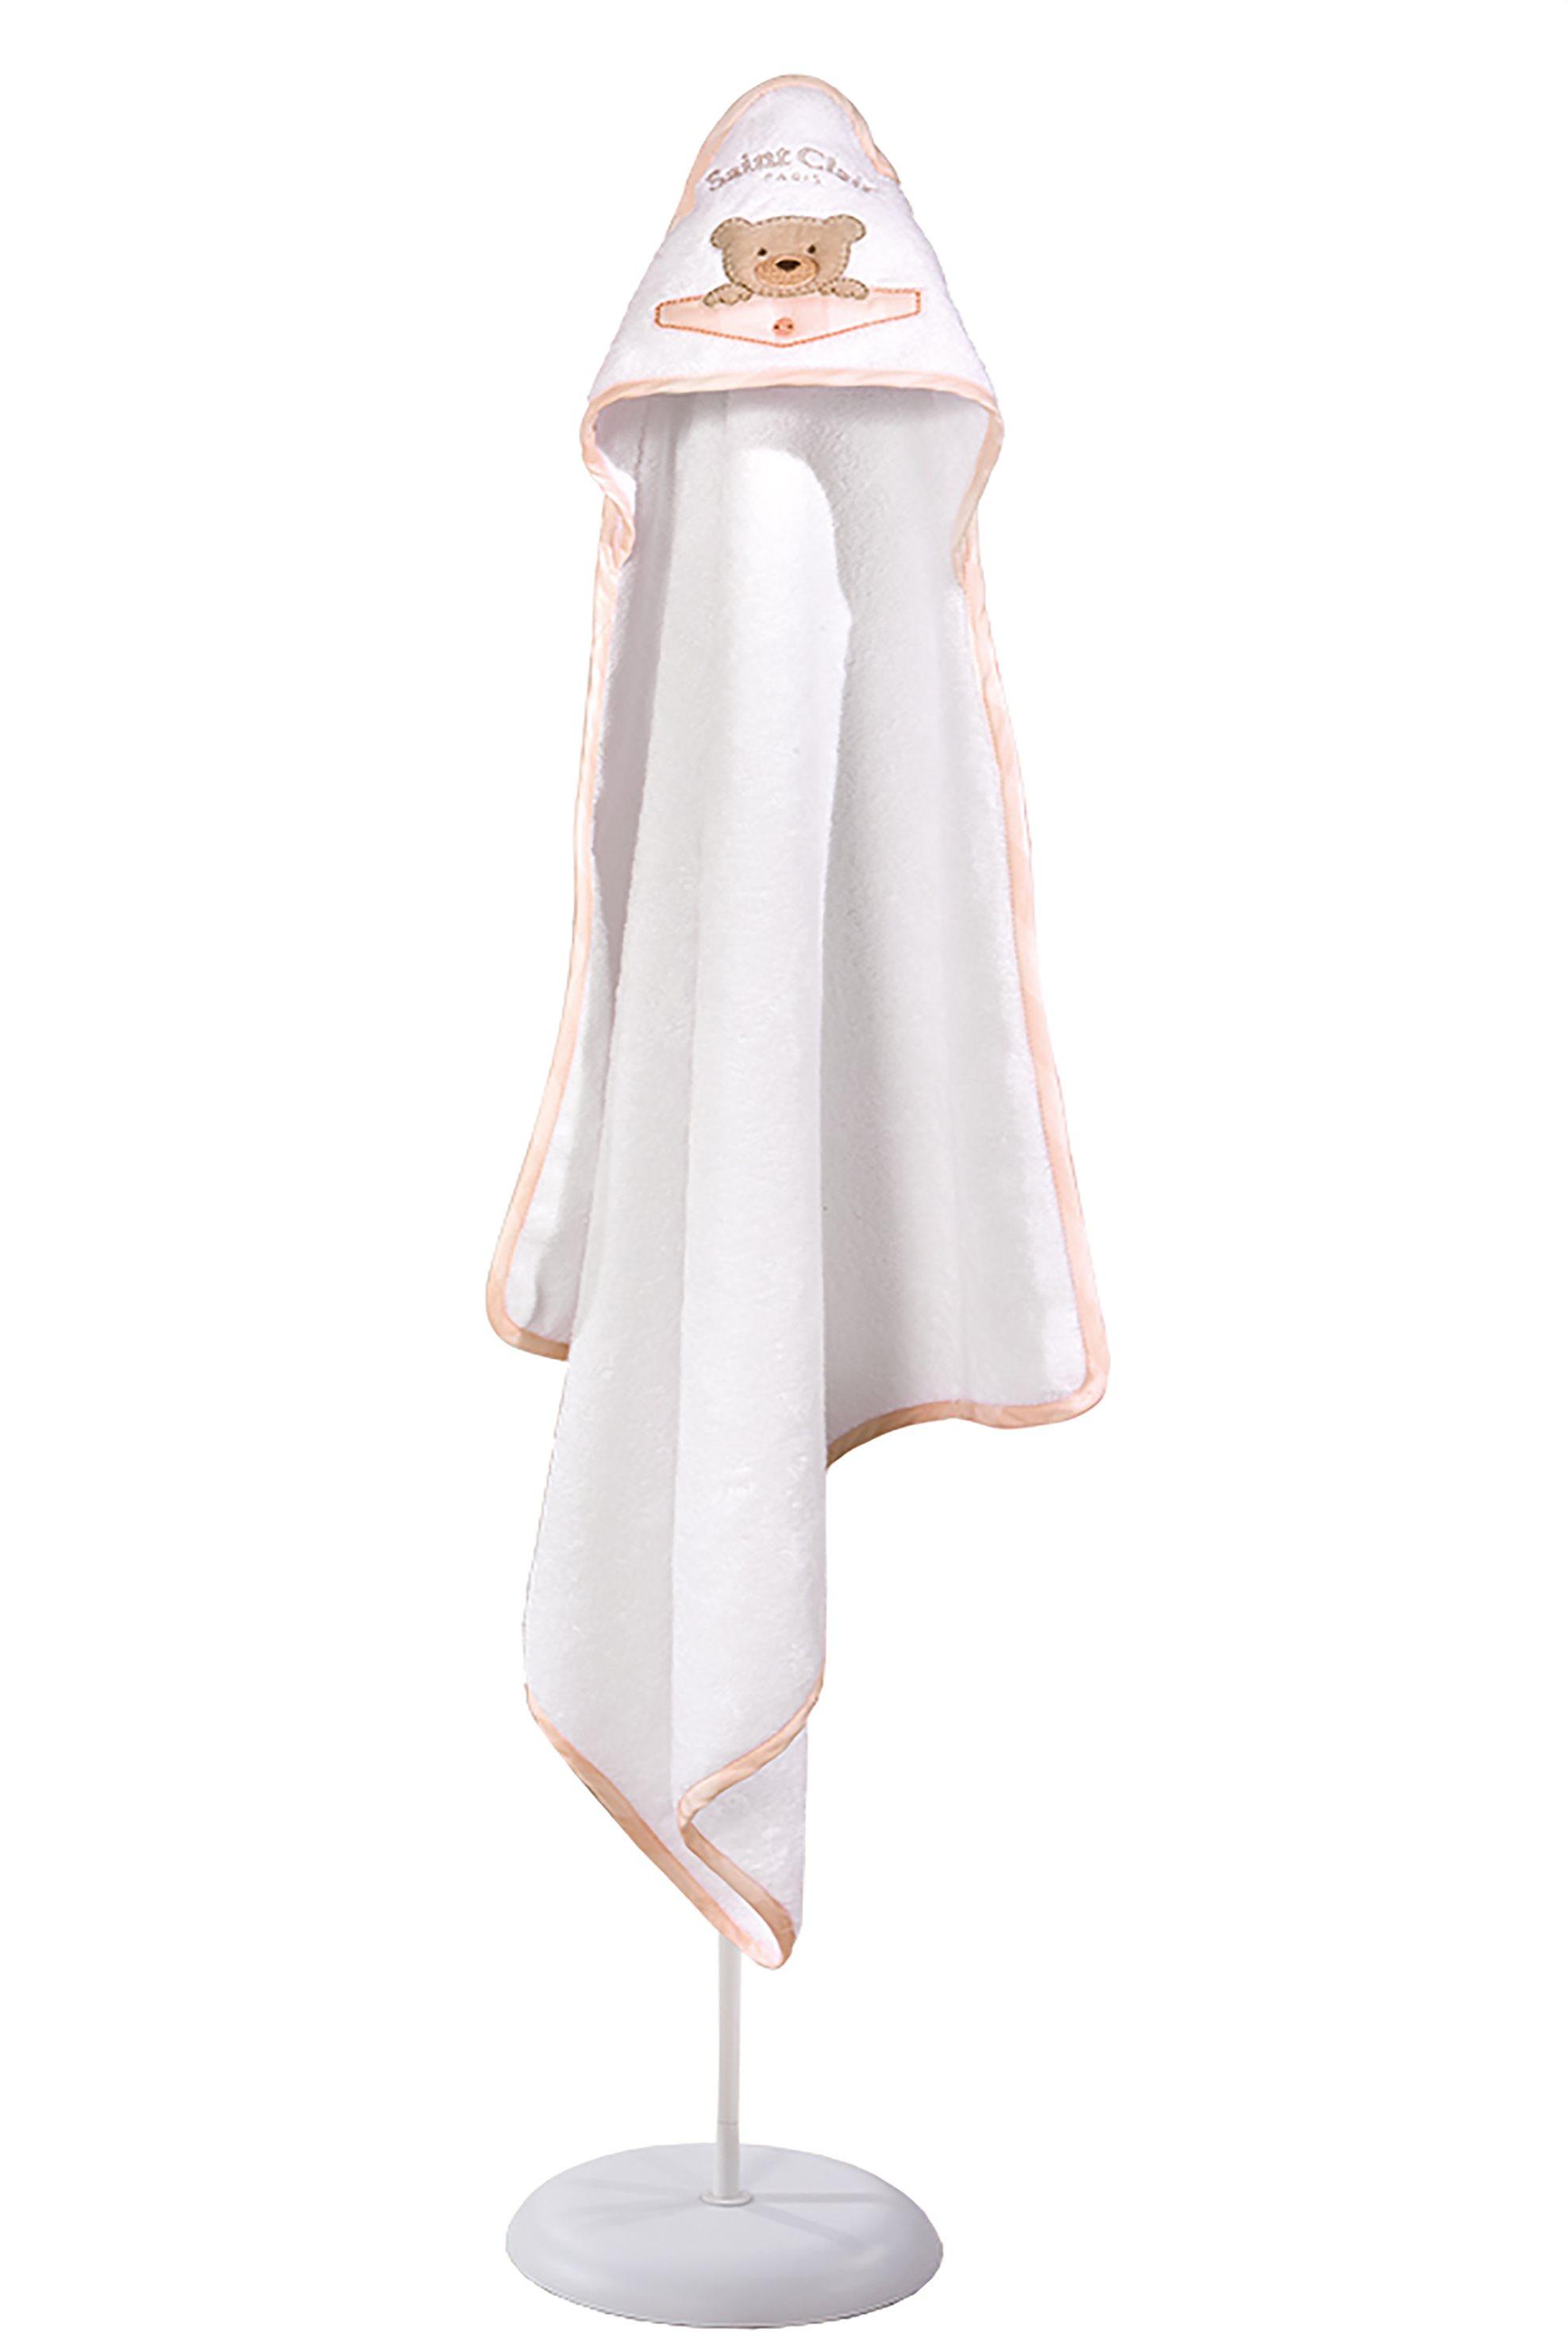 Saint Clair Paris βρεφική πετσέτα - κάπα Teddy Rose - 1731090215008 - Ροζ home   παιδια   πετσέτες